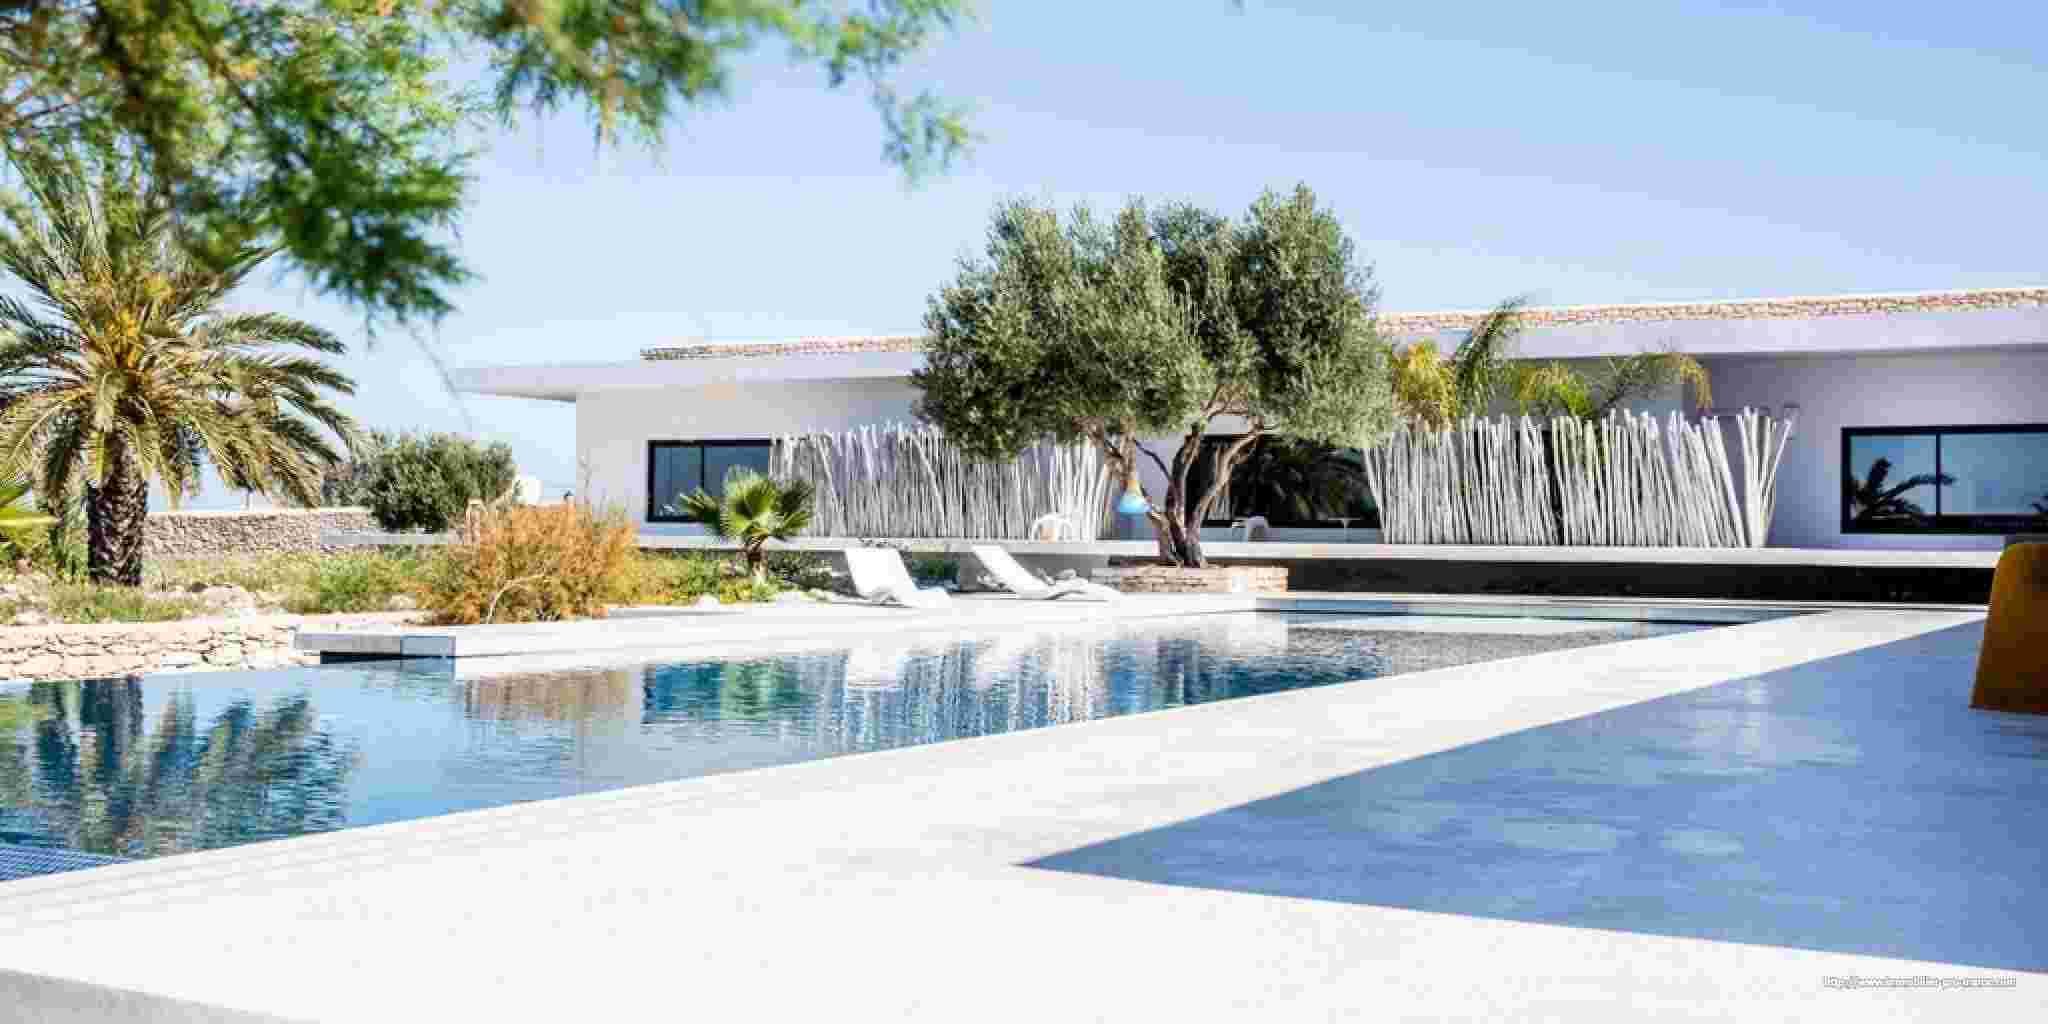 10 bonnes raisons pour investir dans l'immobilier à Essaouira